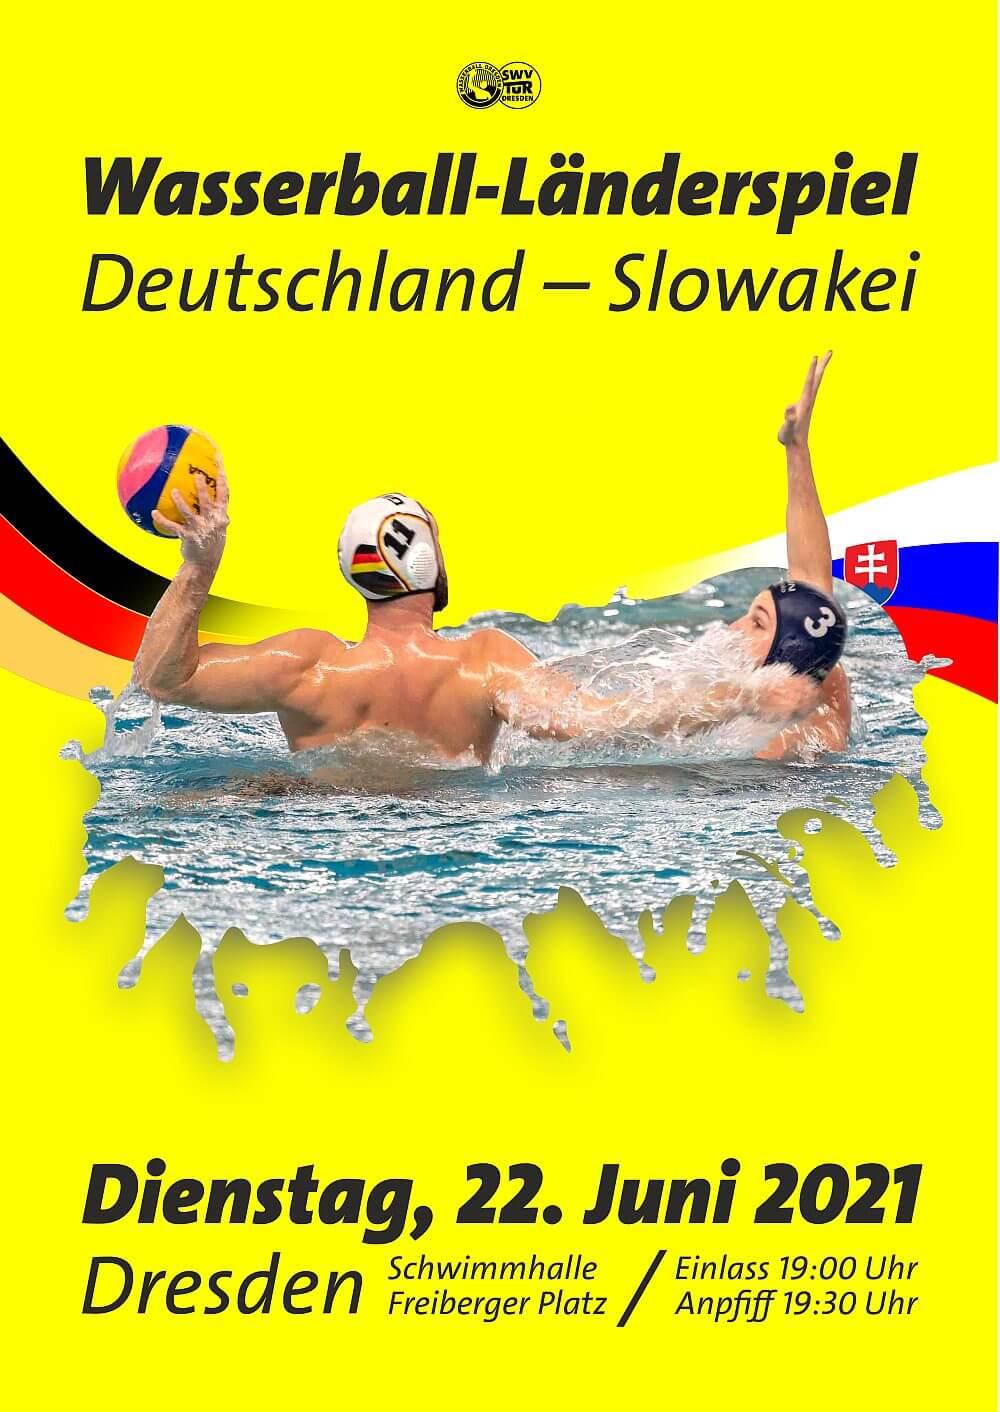 Wasserball-Länderspiel: Deutschland - Slowakei